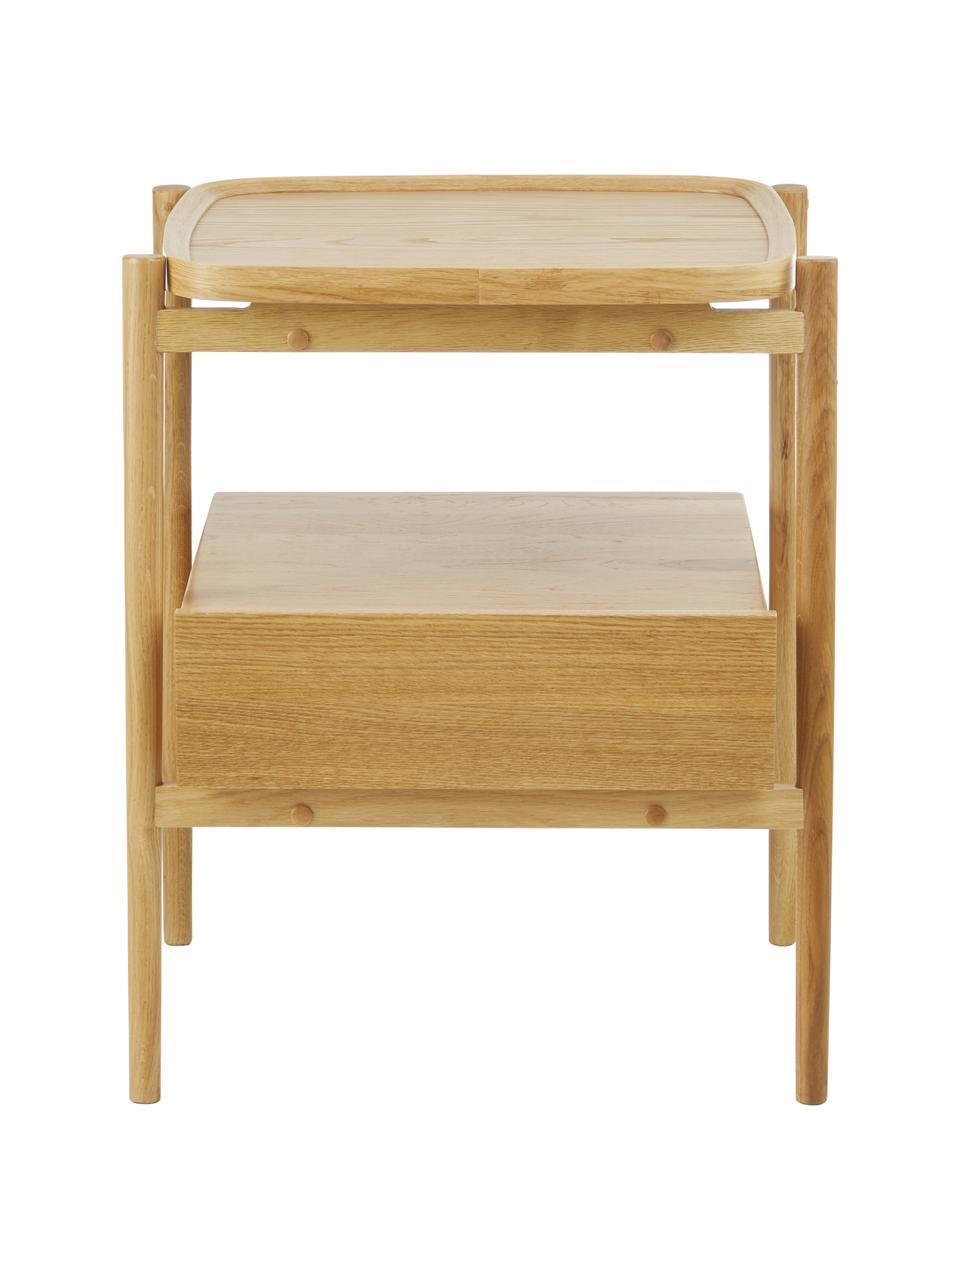 Nachttisch Libby aus Eichenholz, Ablagefläche: Eichenholzfurnier mit mit, Hellbraun, 49 x 60 cm